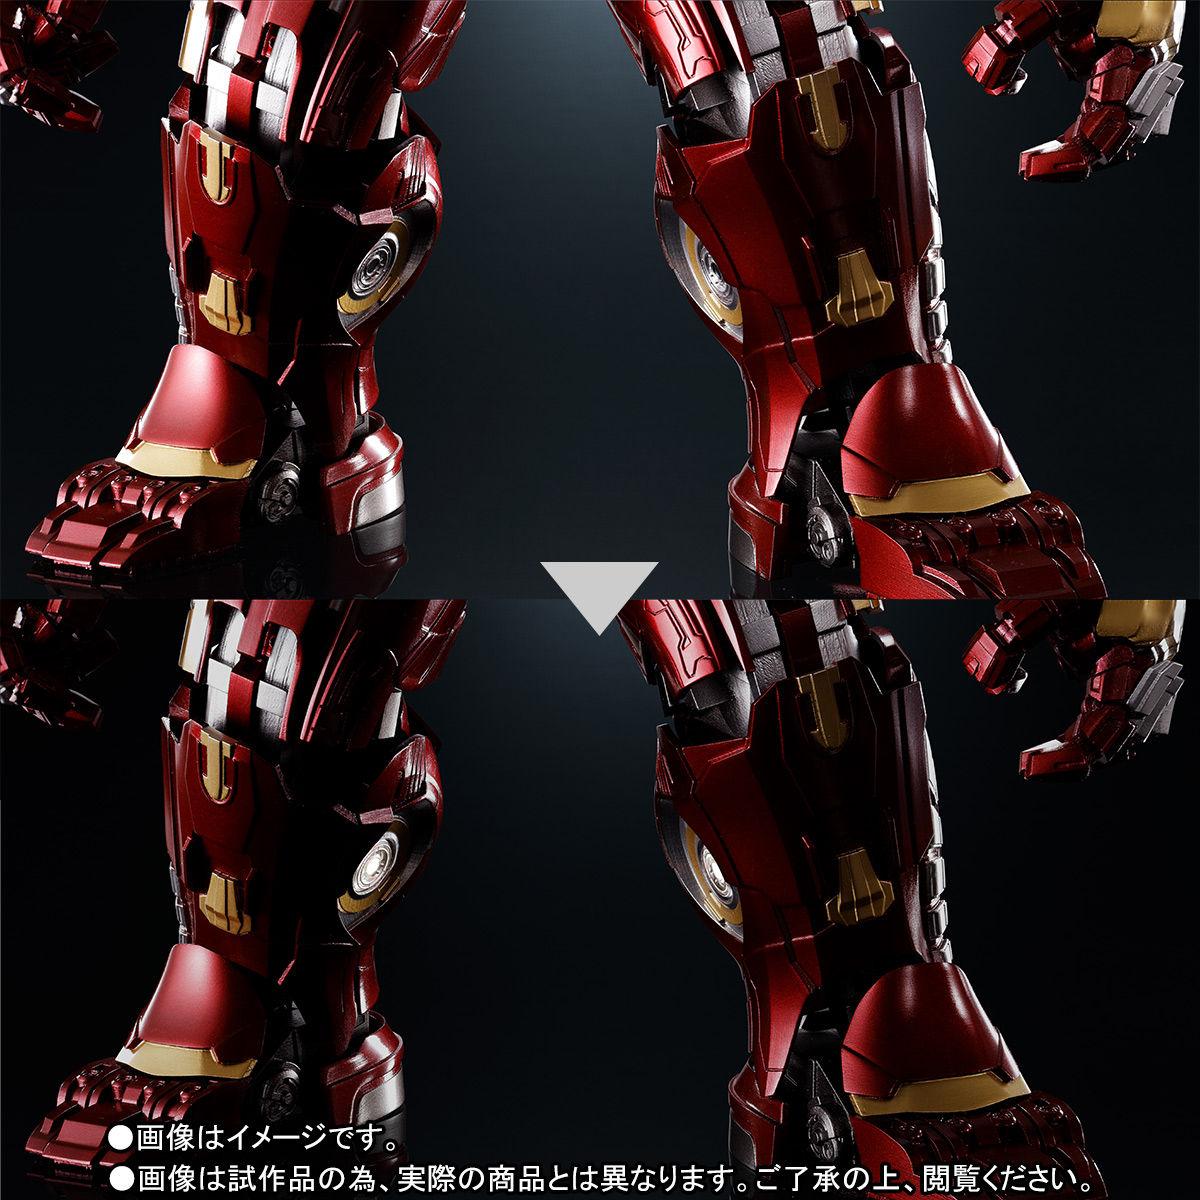 超合金×S.H.Figuarts『ハルクバスター マーク2|アベンジャーズ/インフィニティ・ウォー』可動フィギュア-009